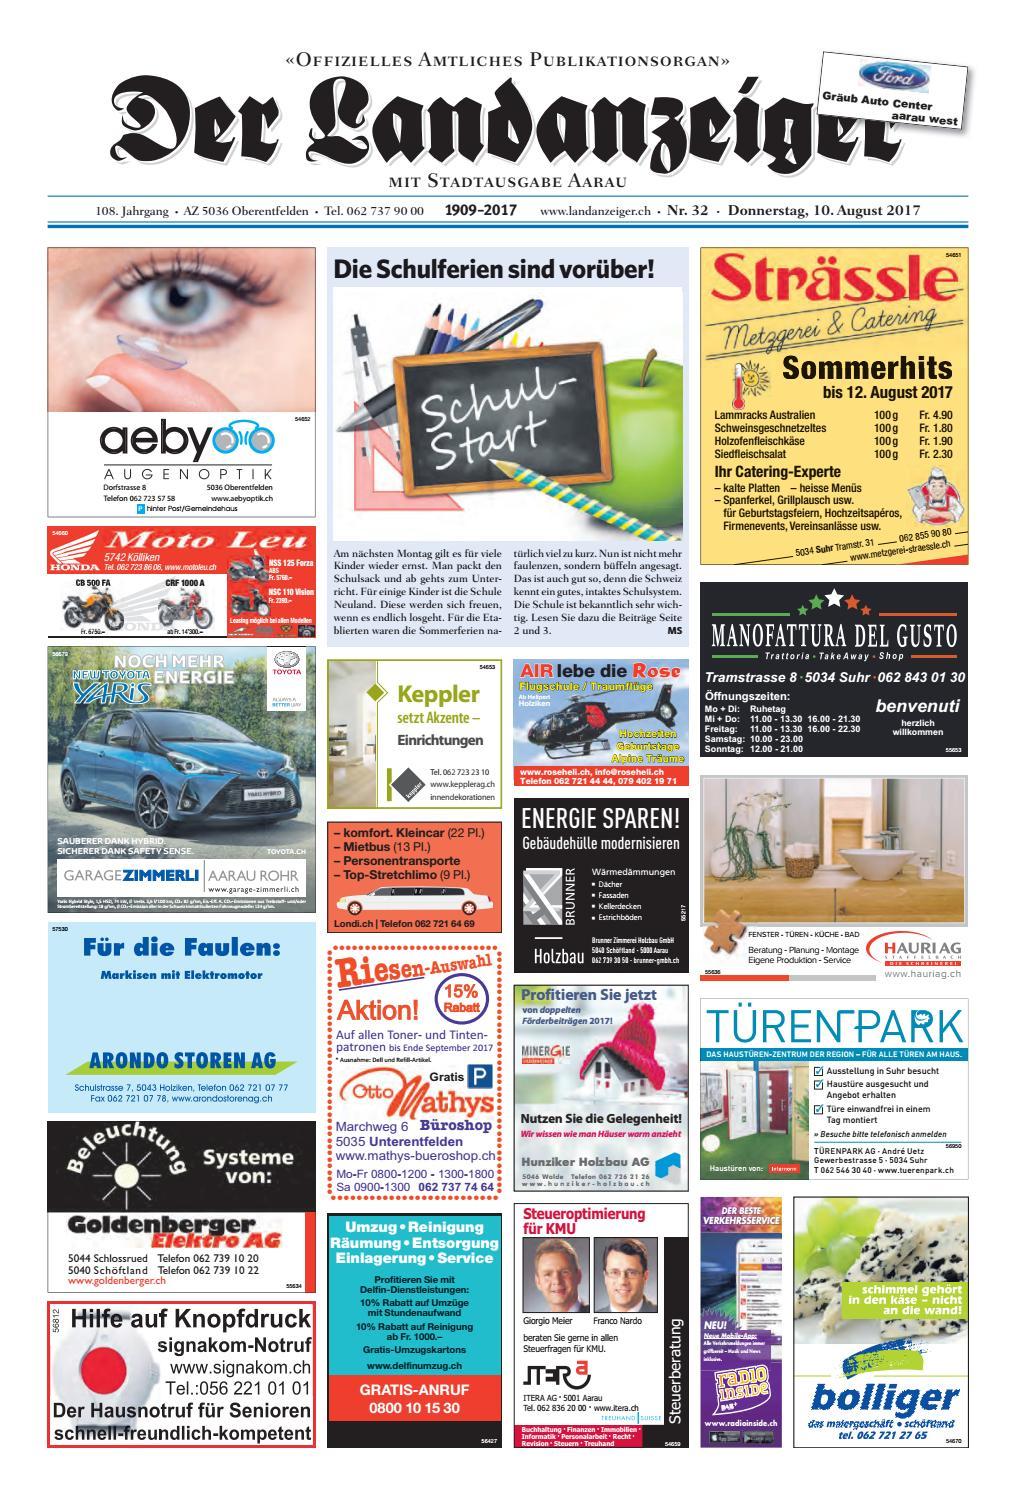 Der Landanzeiger 32 17 By ZT Me N AG Issuu